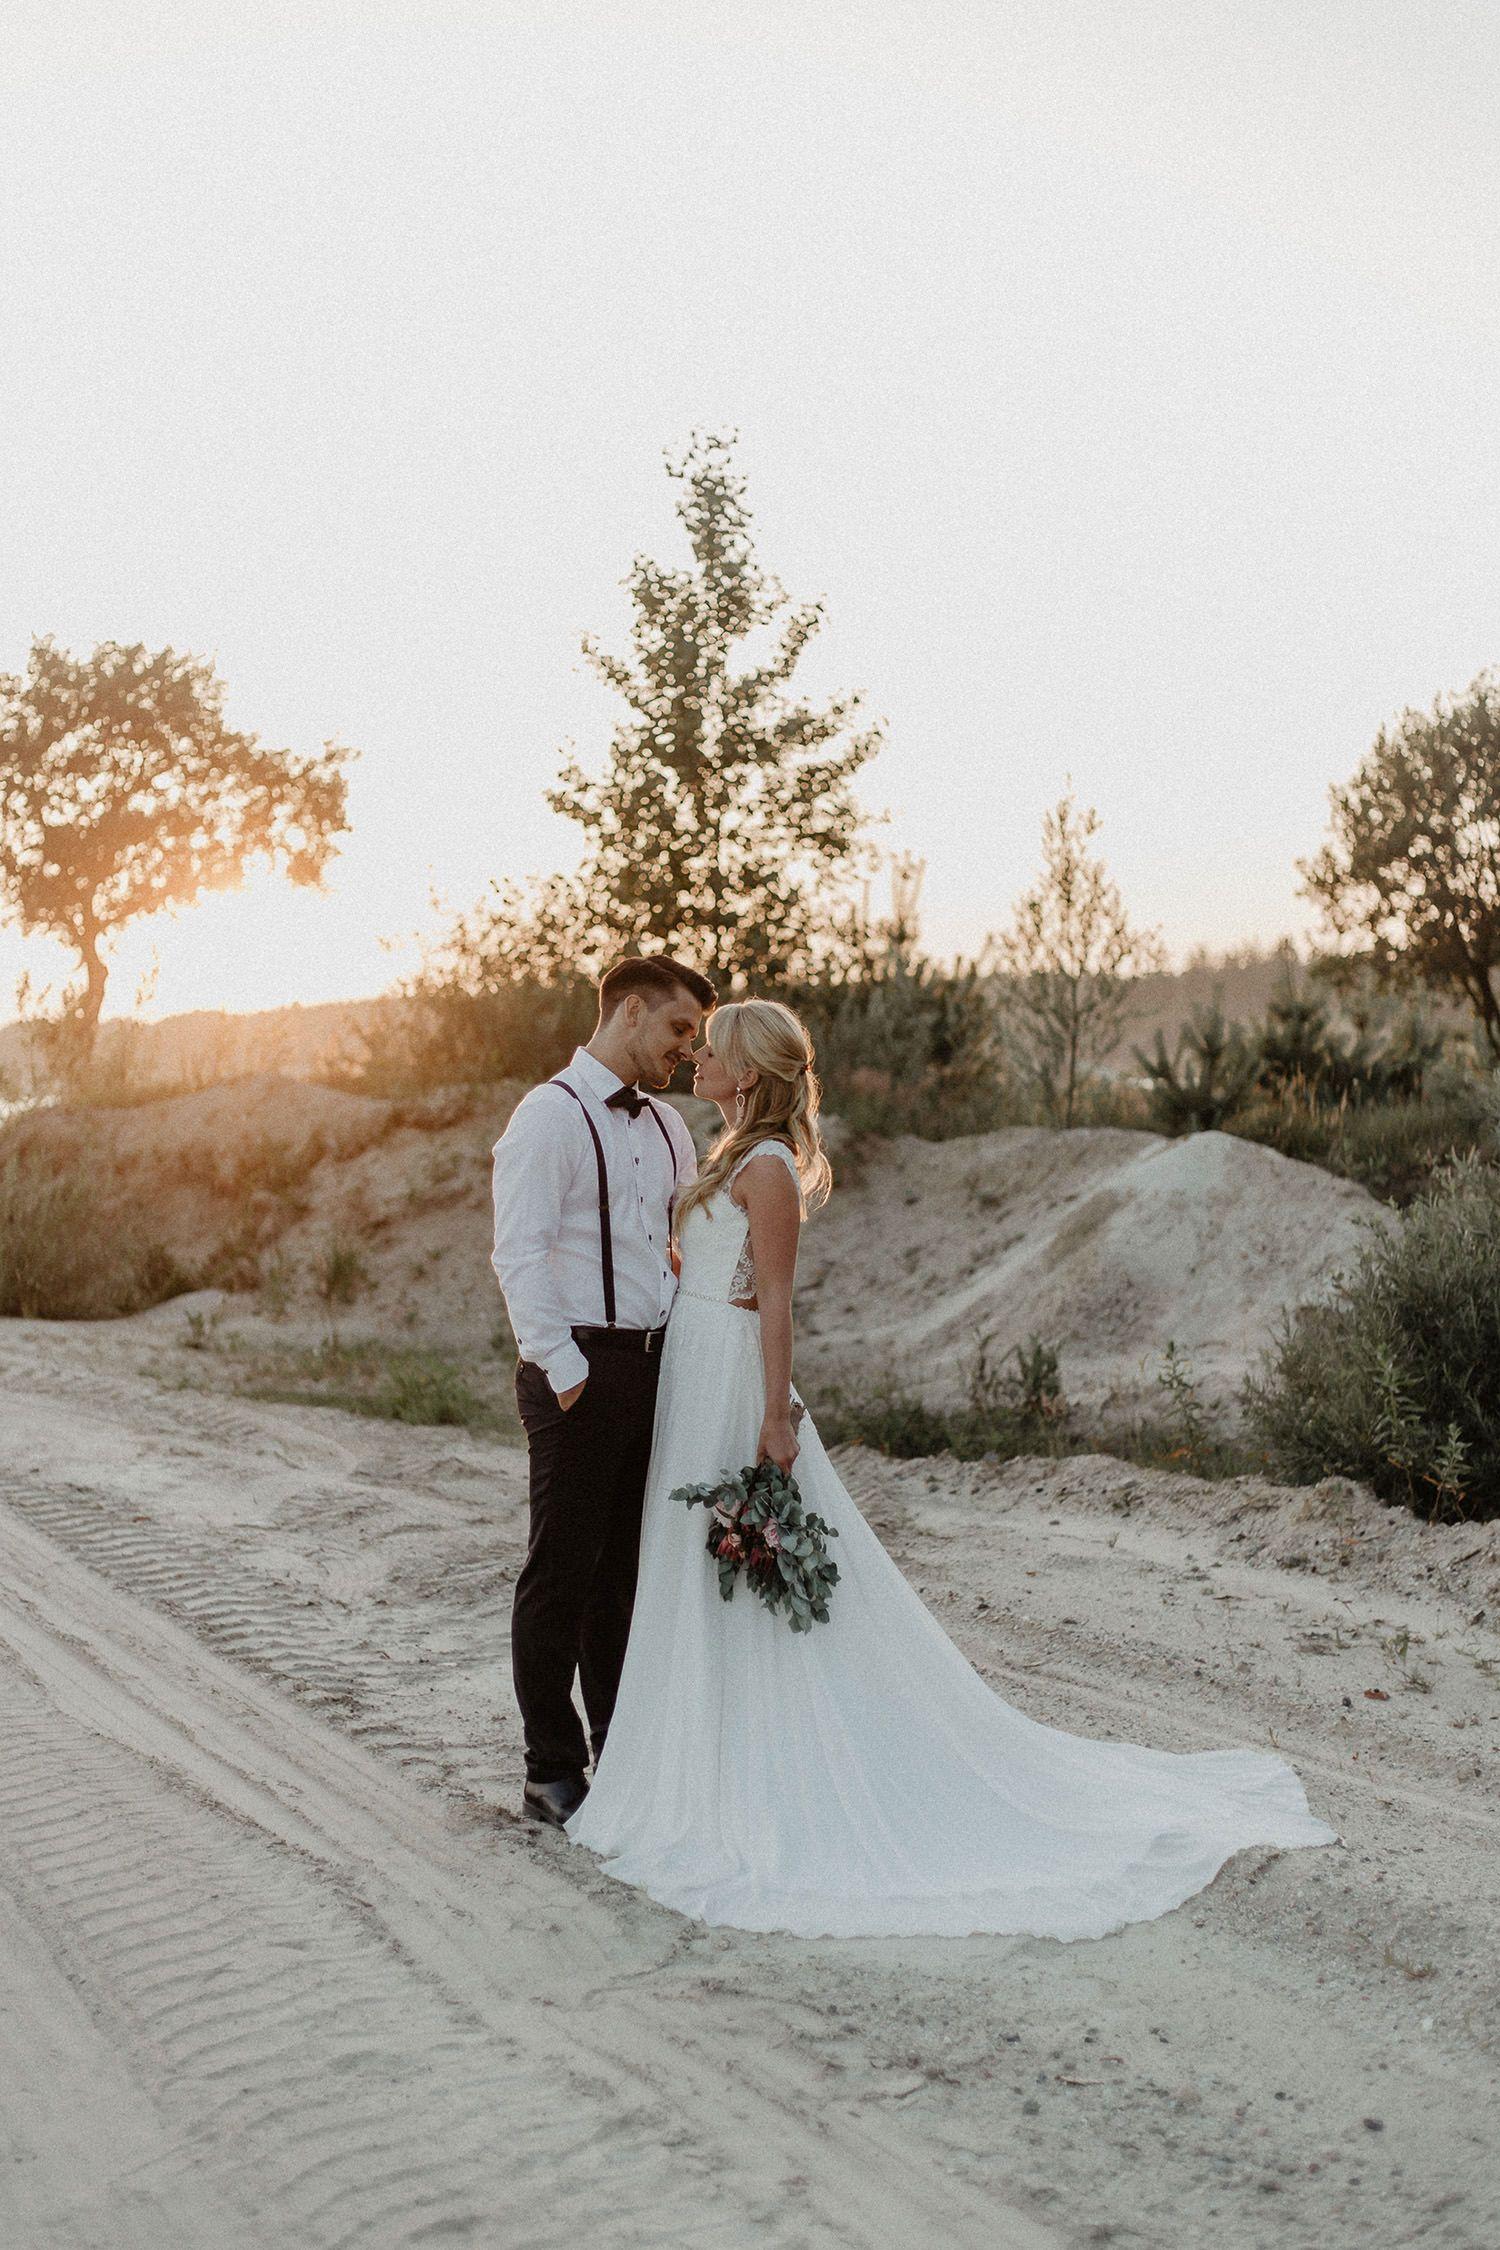 After Wedding Shoot Mit Katrin Und Keno Hochzeitsfotografie In Norddeutschland Stella Und Uwe Fotografie Ihr Hochzeitsfotograf Im Emsland Hochzeitsfotografie Hochzeitsfotograf Hochzeit